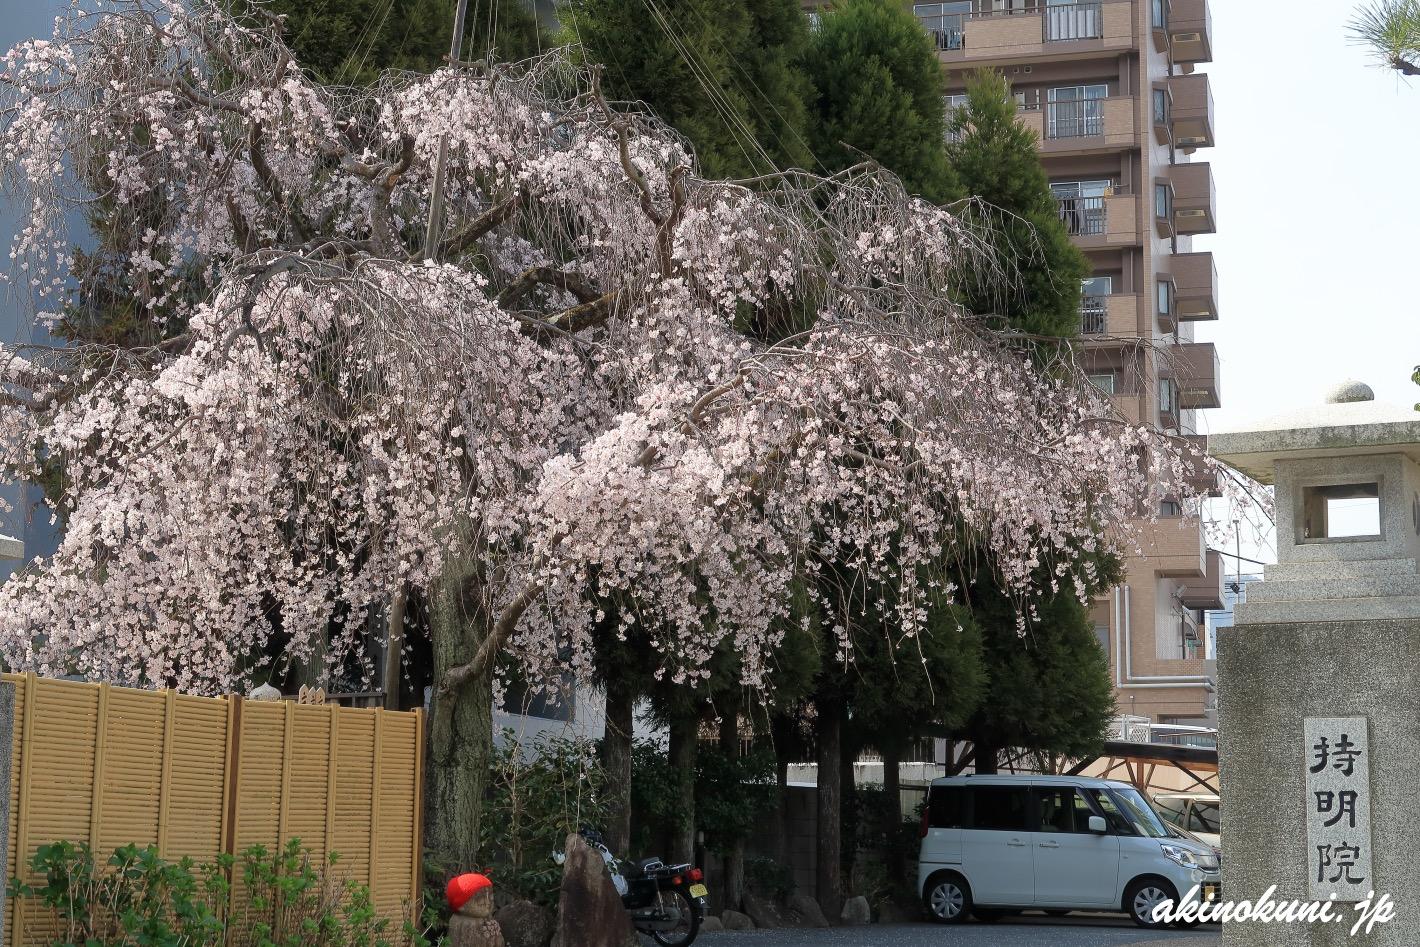 持明院の枝垂れ桜 2021年